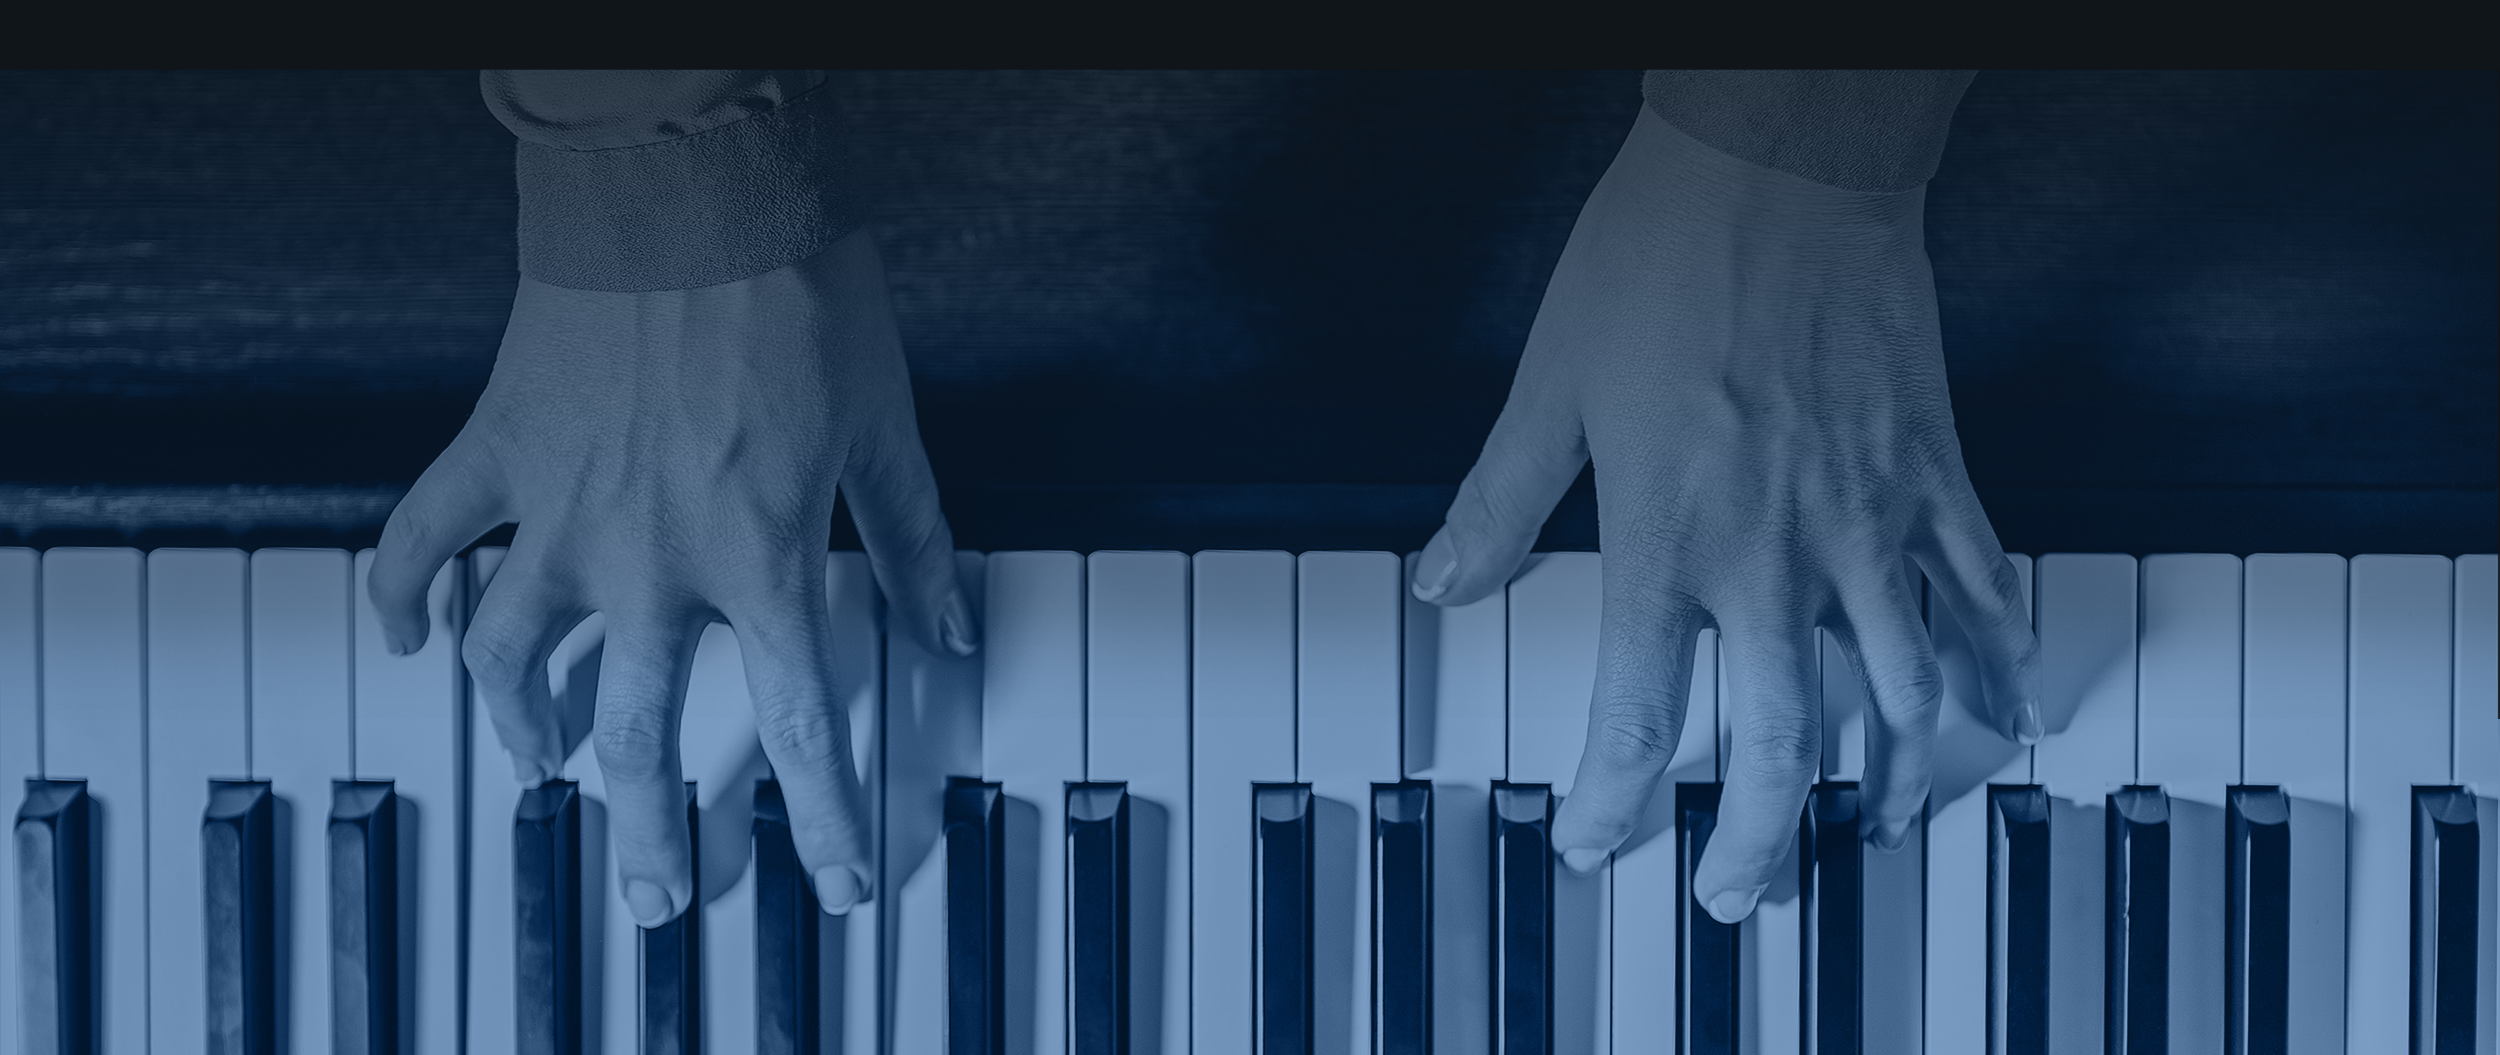 dueling piano bar phoenix